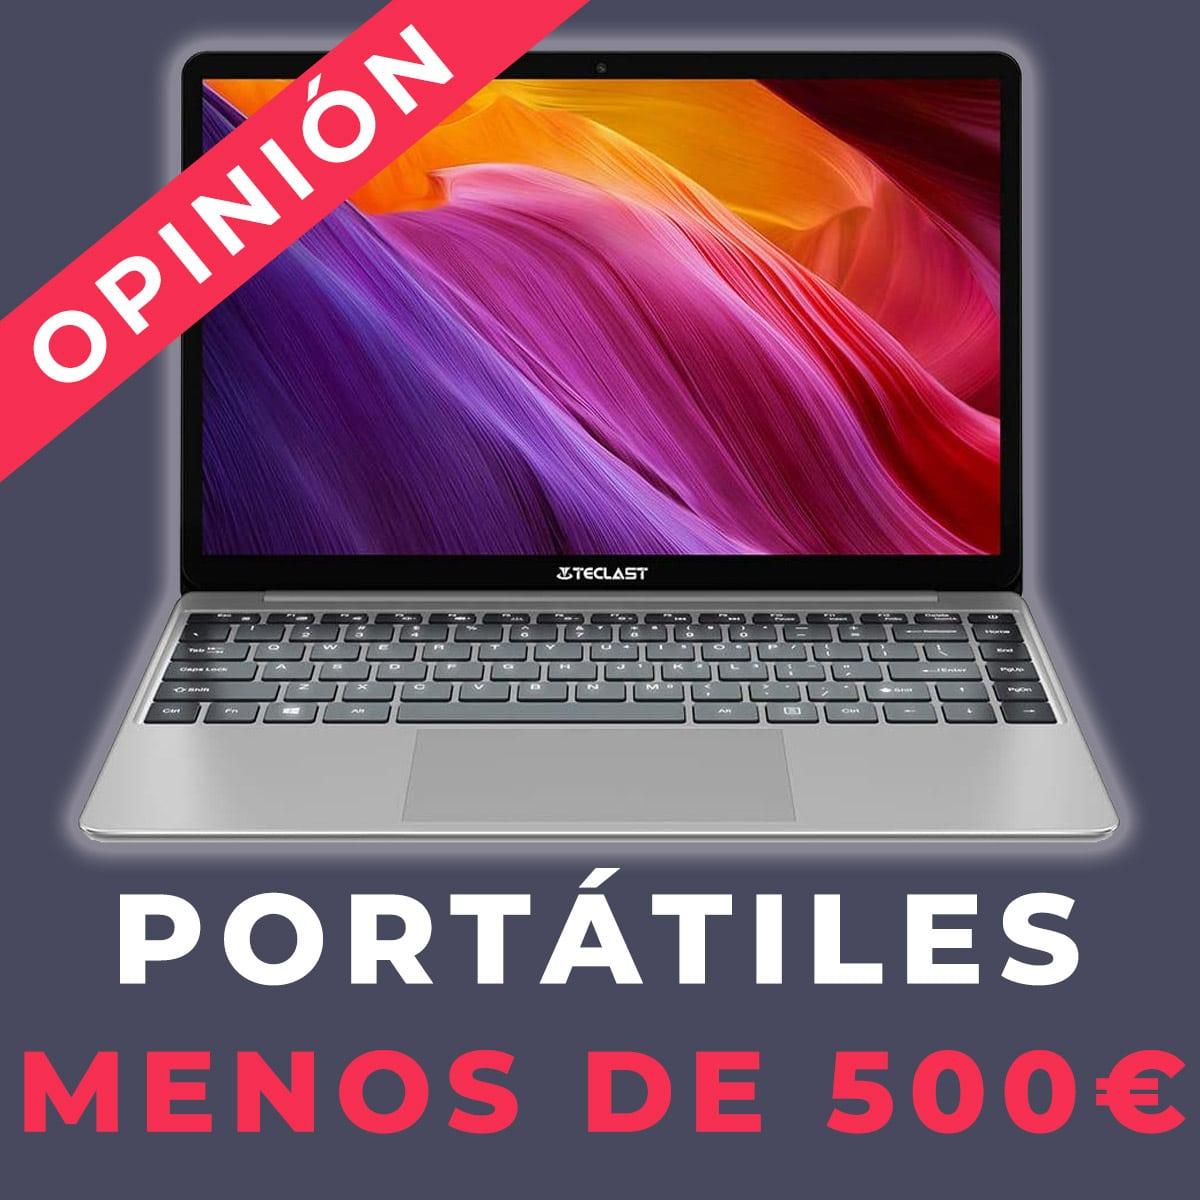 portatil por menos de 500 euros